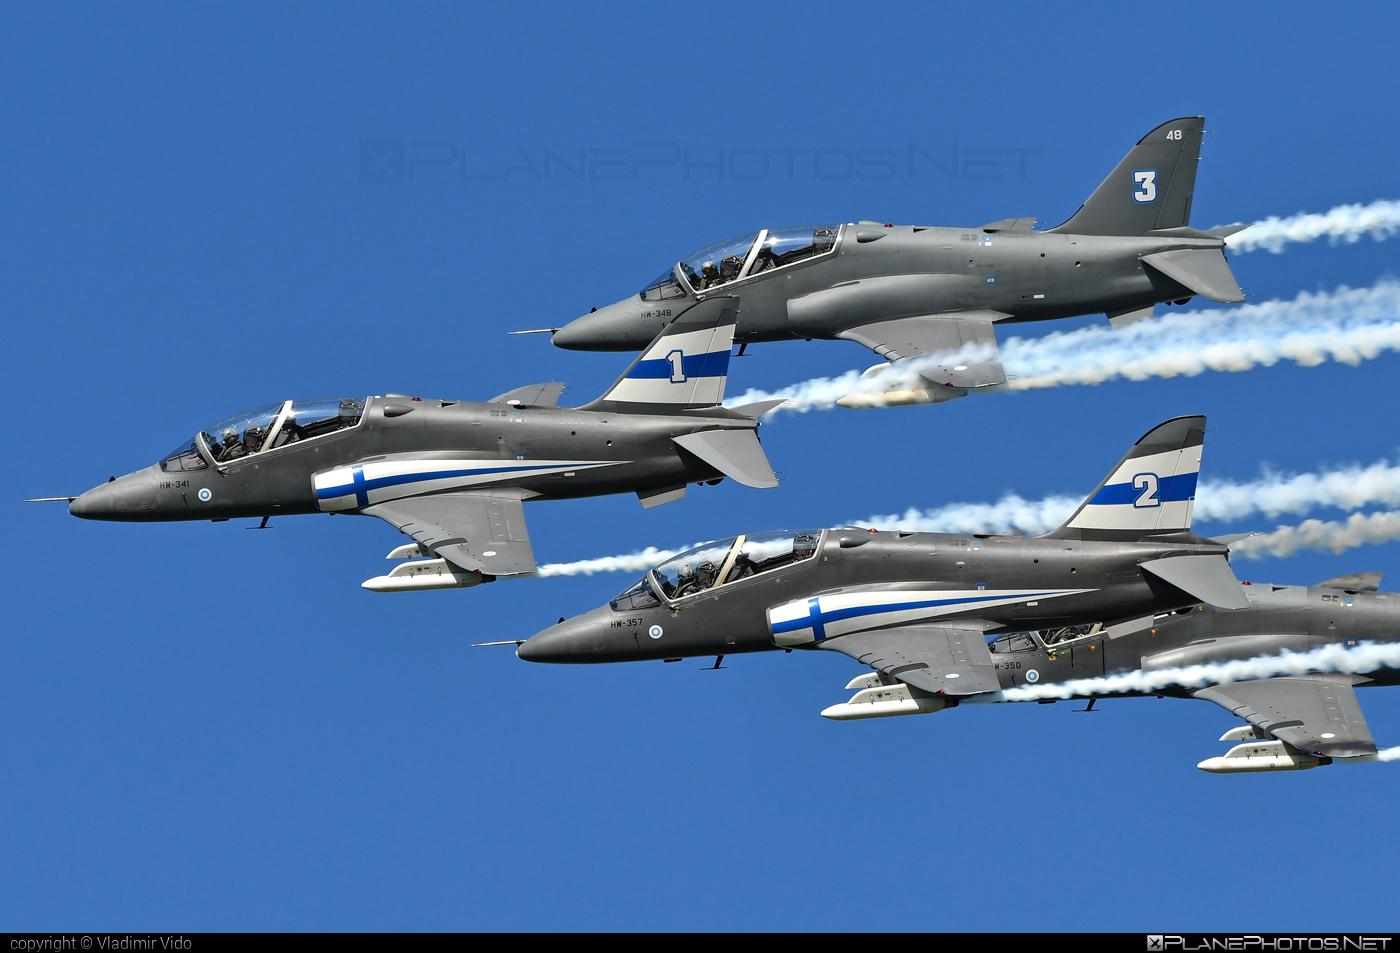 British Aerospace Hawk 51A - HW-357 operated by Ilmavoimat (Finnish Air Force) #baehawk #baehawk51 #baehawk51a #britishaerospace #britishaerospacehawk #britishaerospacehawk51 #britishaerospacehawk51a #finnishairforce #hawk51a #ilmavoimat